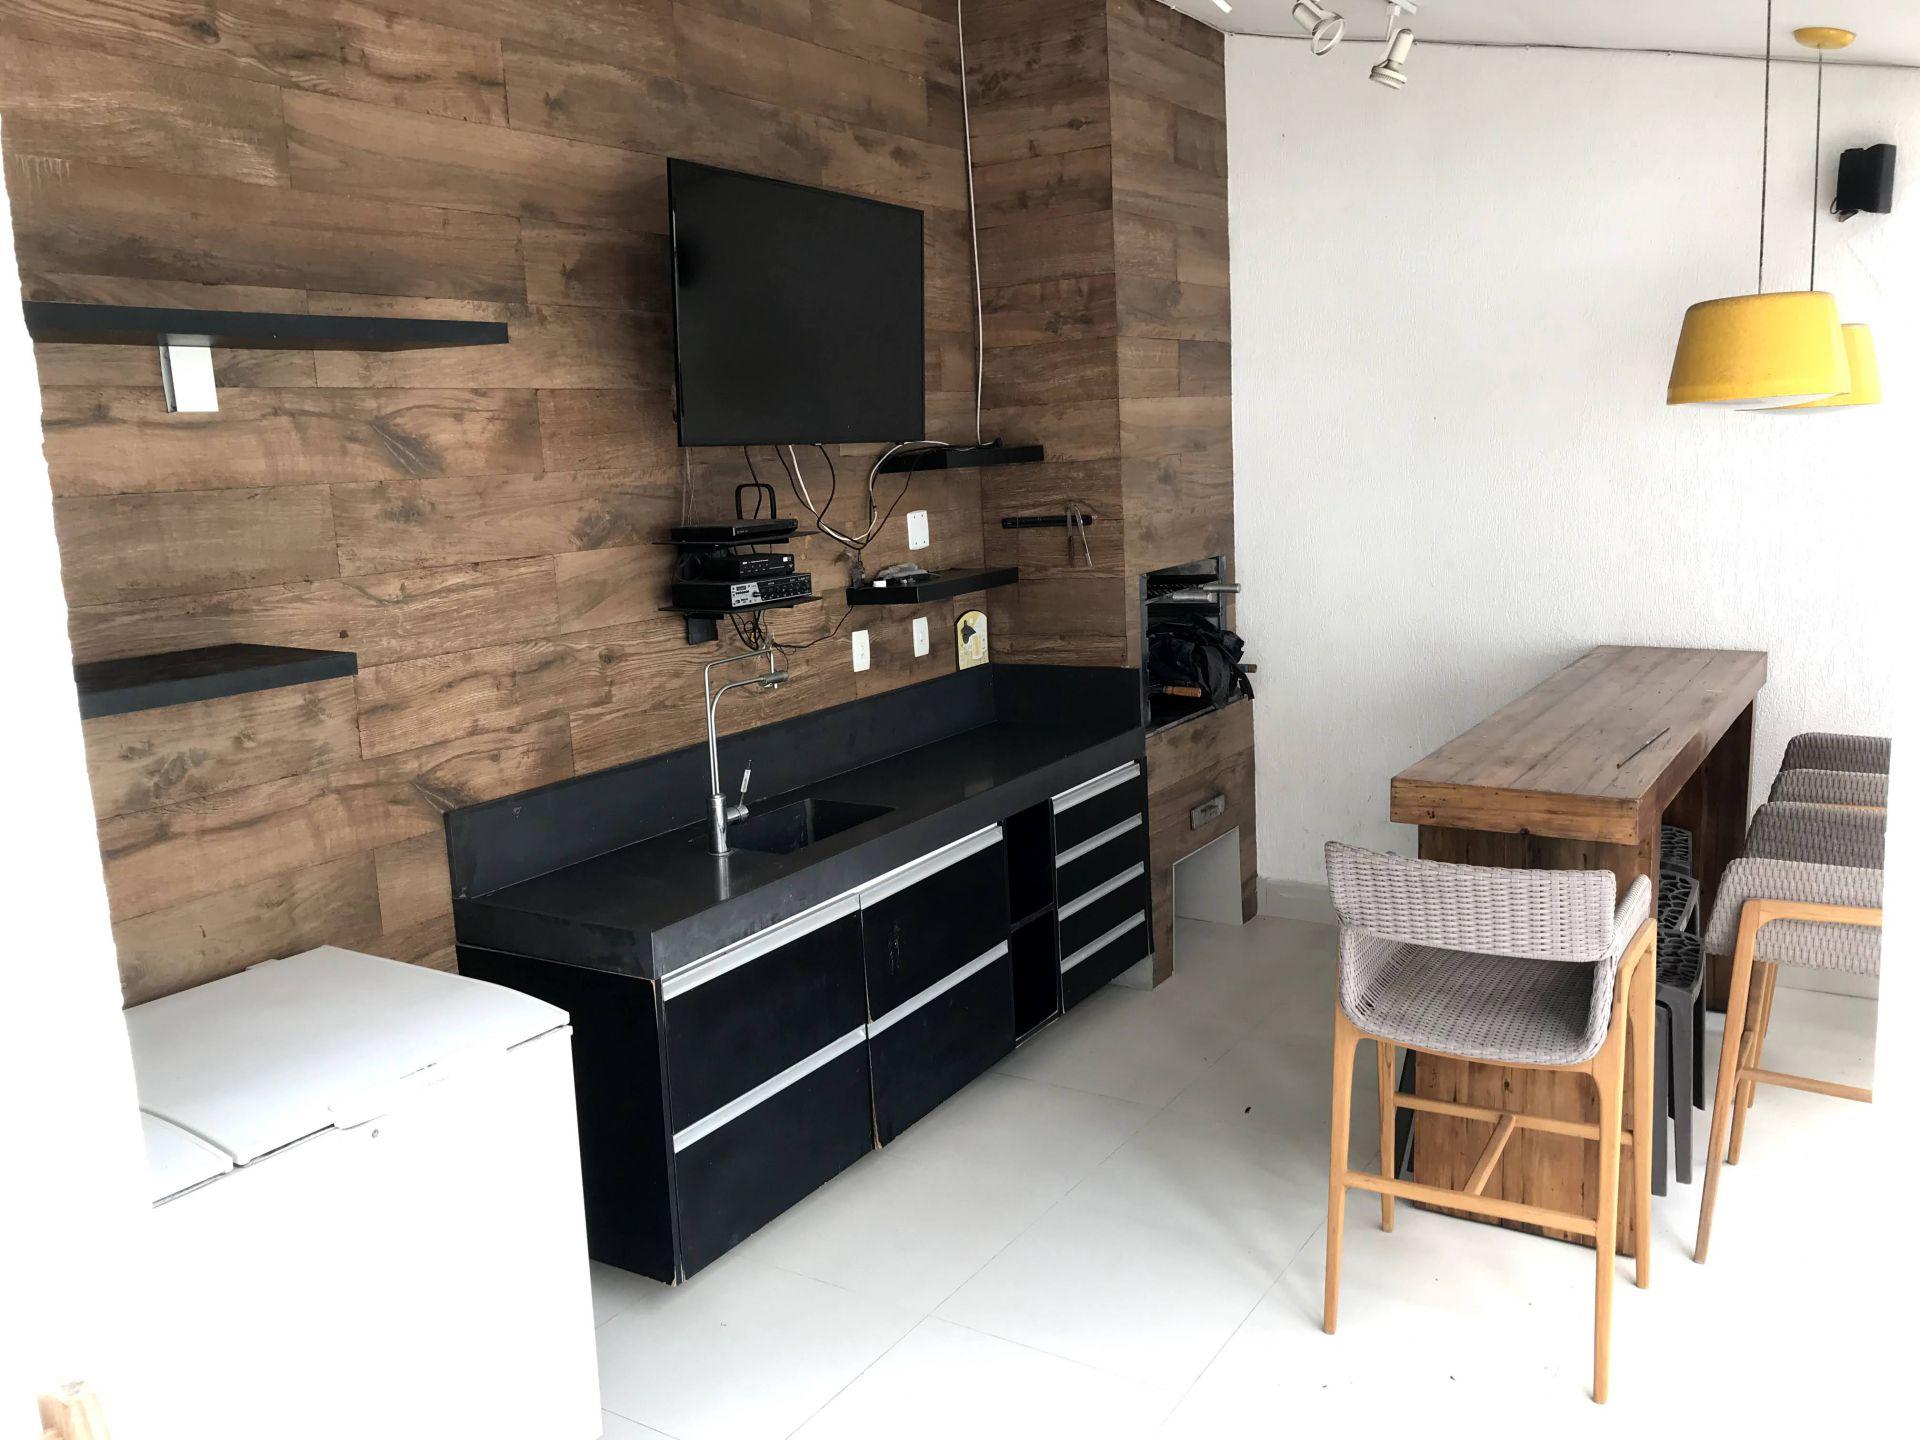 FOTO 13 - Casa em Condomínio à venda Rua Vitório Libonati,Vila Valqueire, Rio de Janeiro - R$ 1.590.000 - RF248 - 14